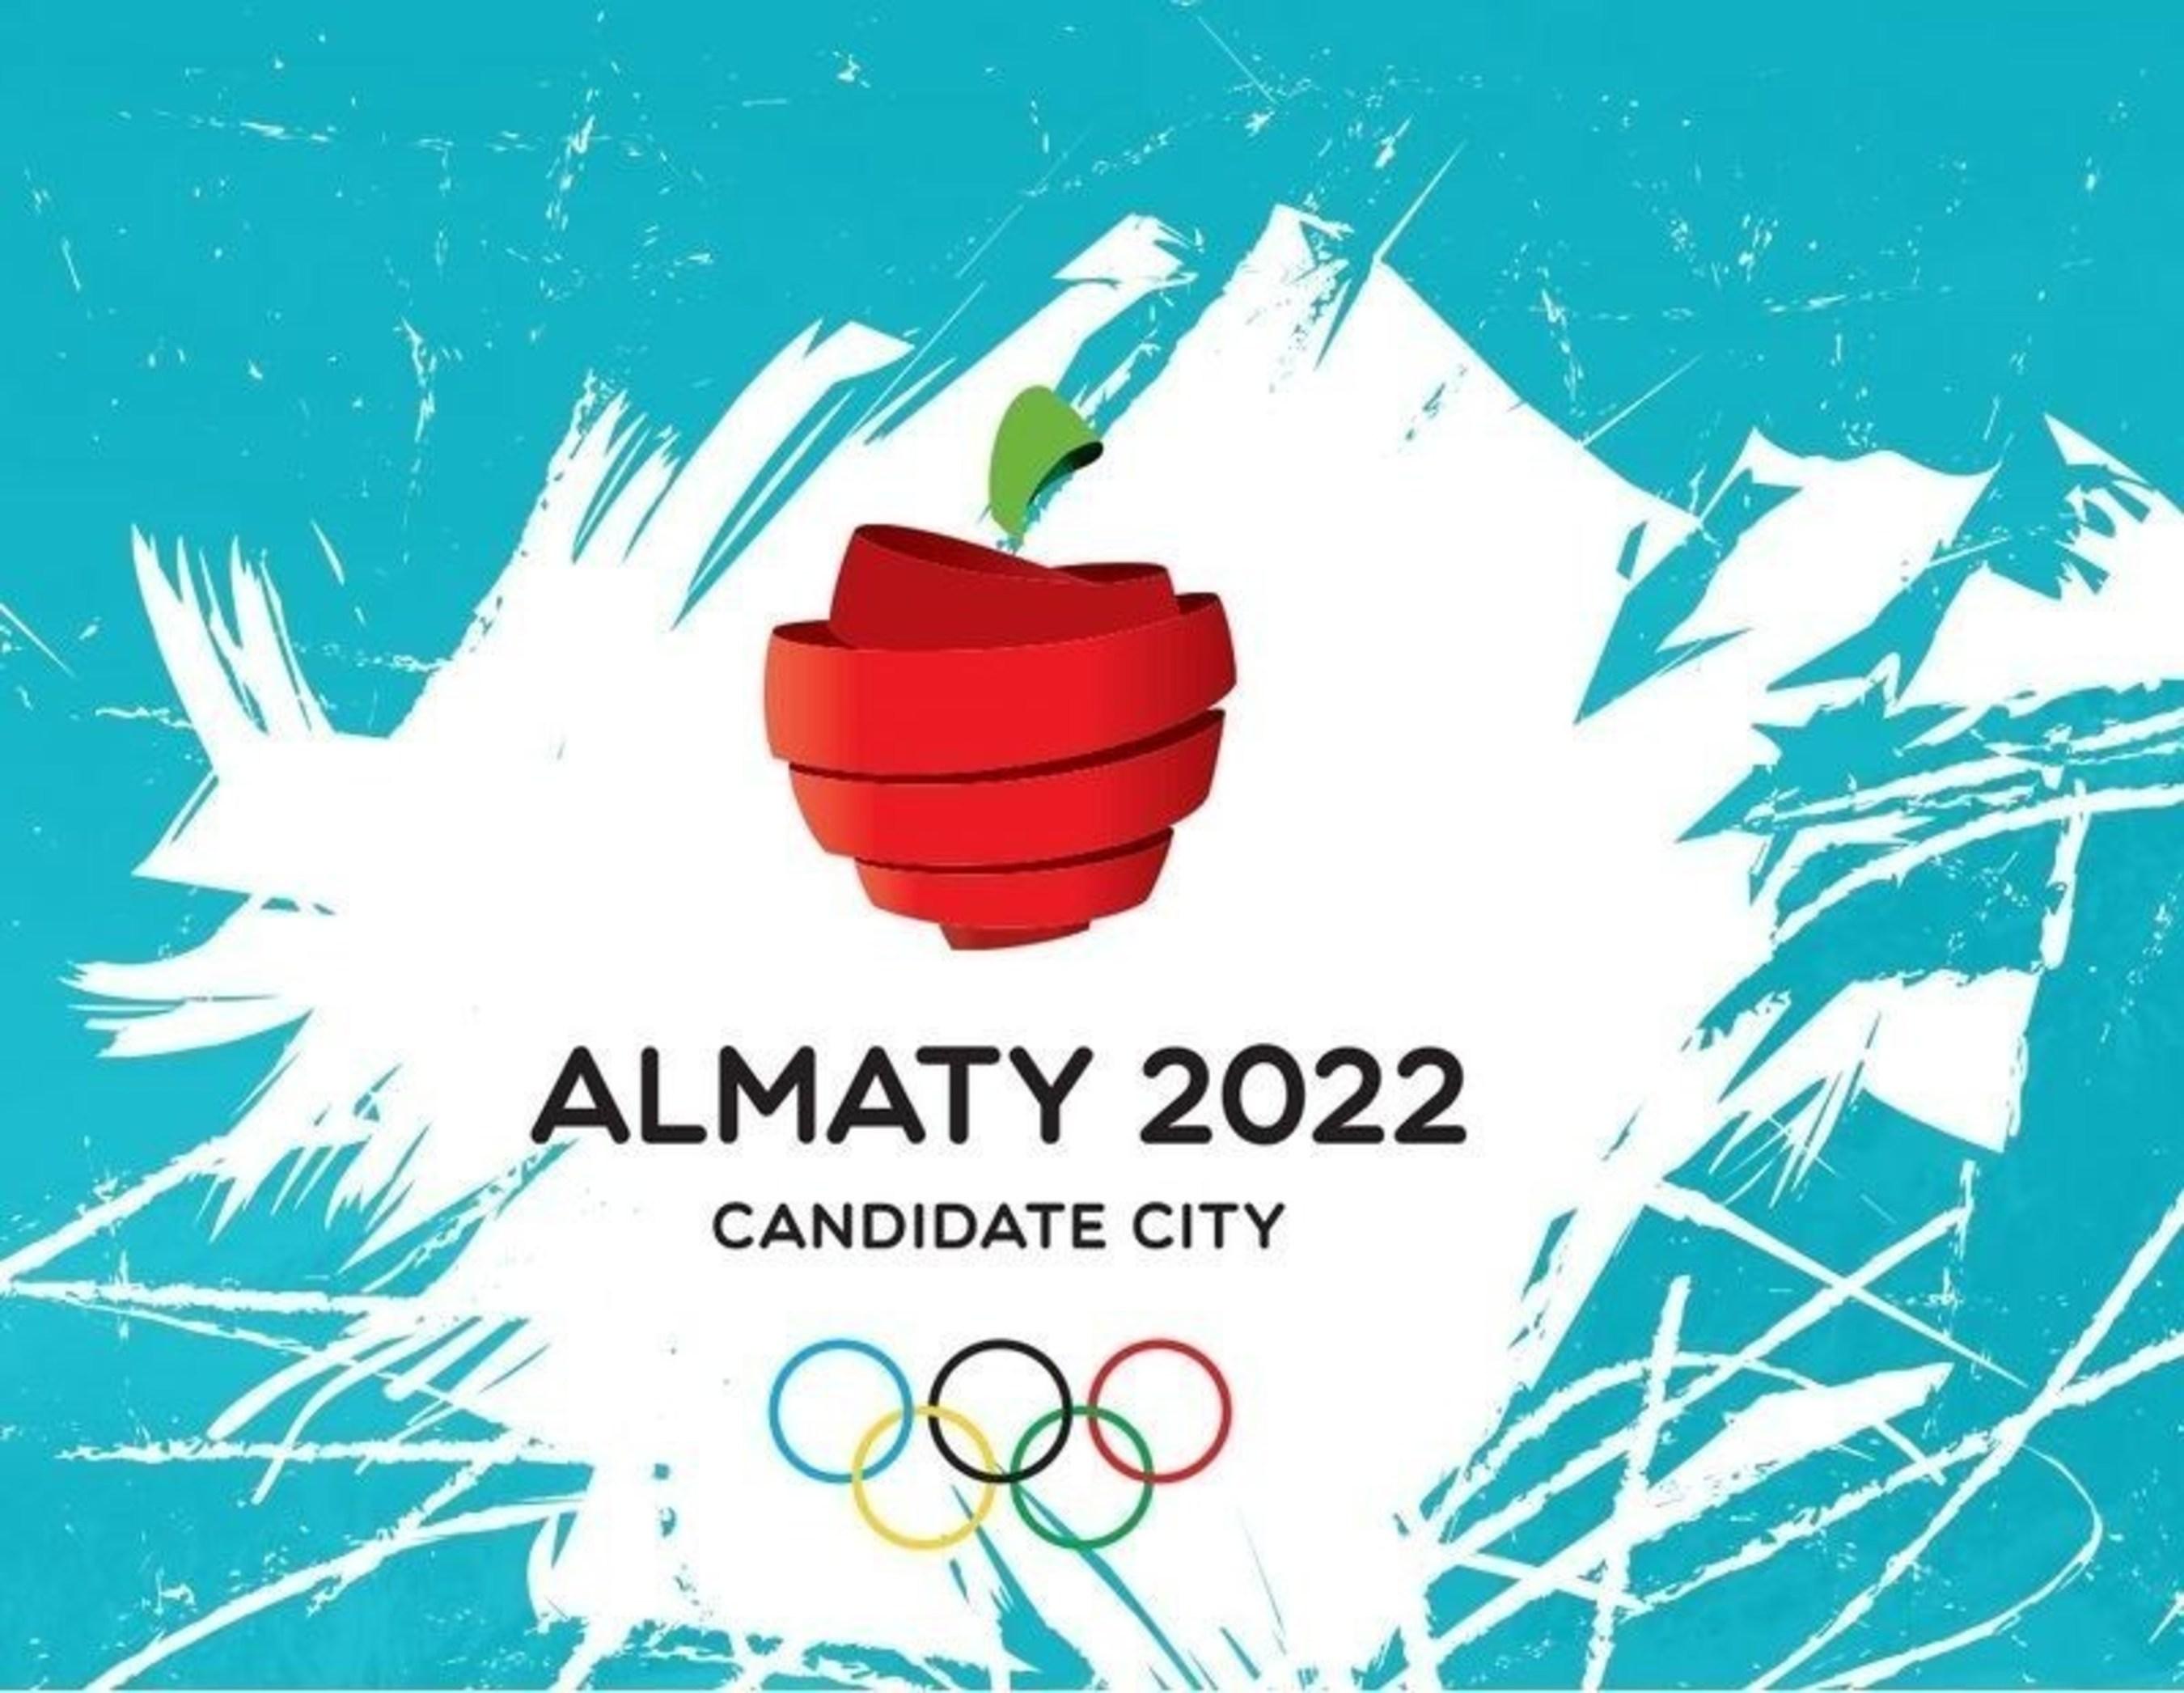 Vicepresidente de la Candidatura Almaty 2022: 'Gracias por habernos permitido mostrar nuestro país